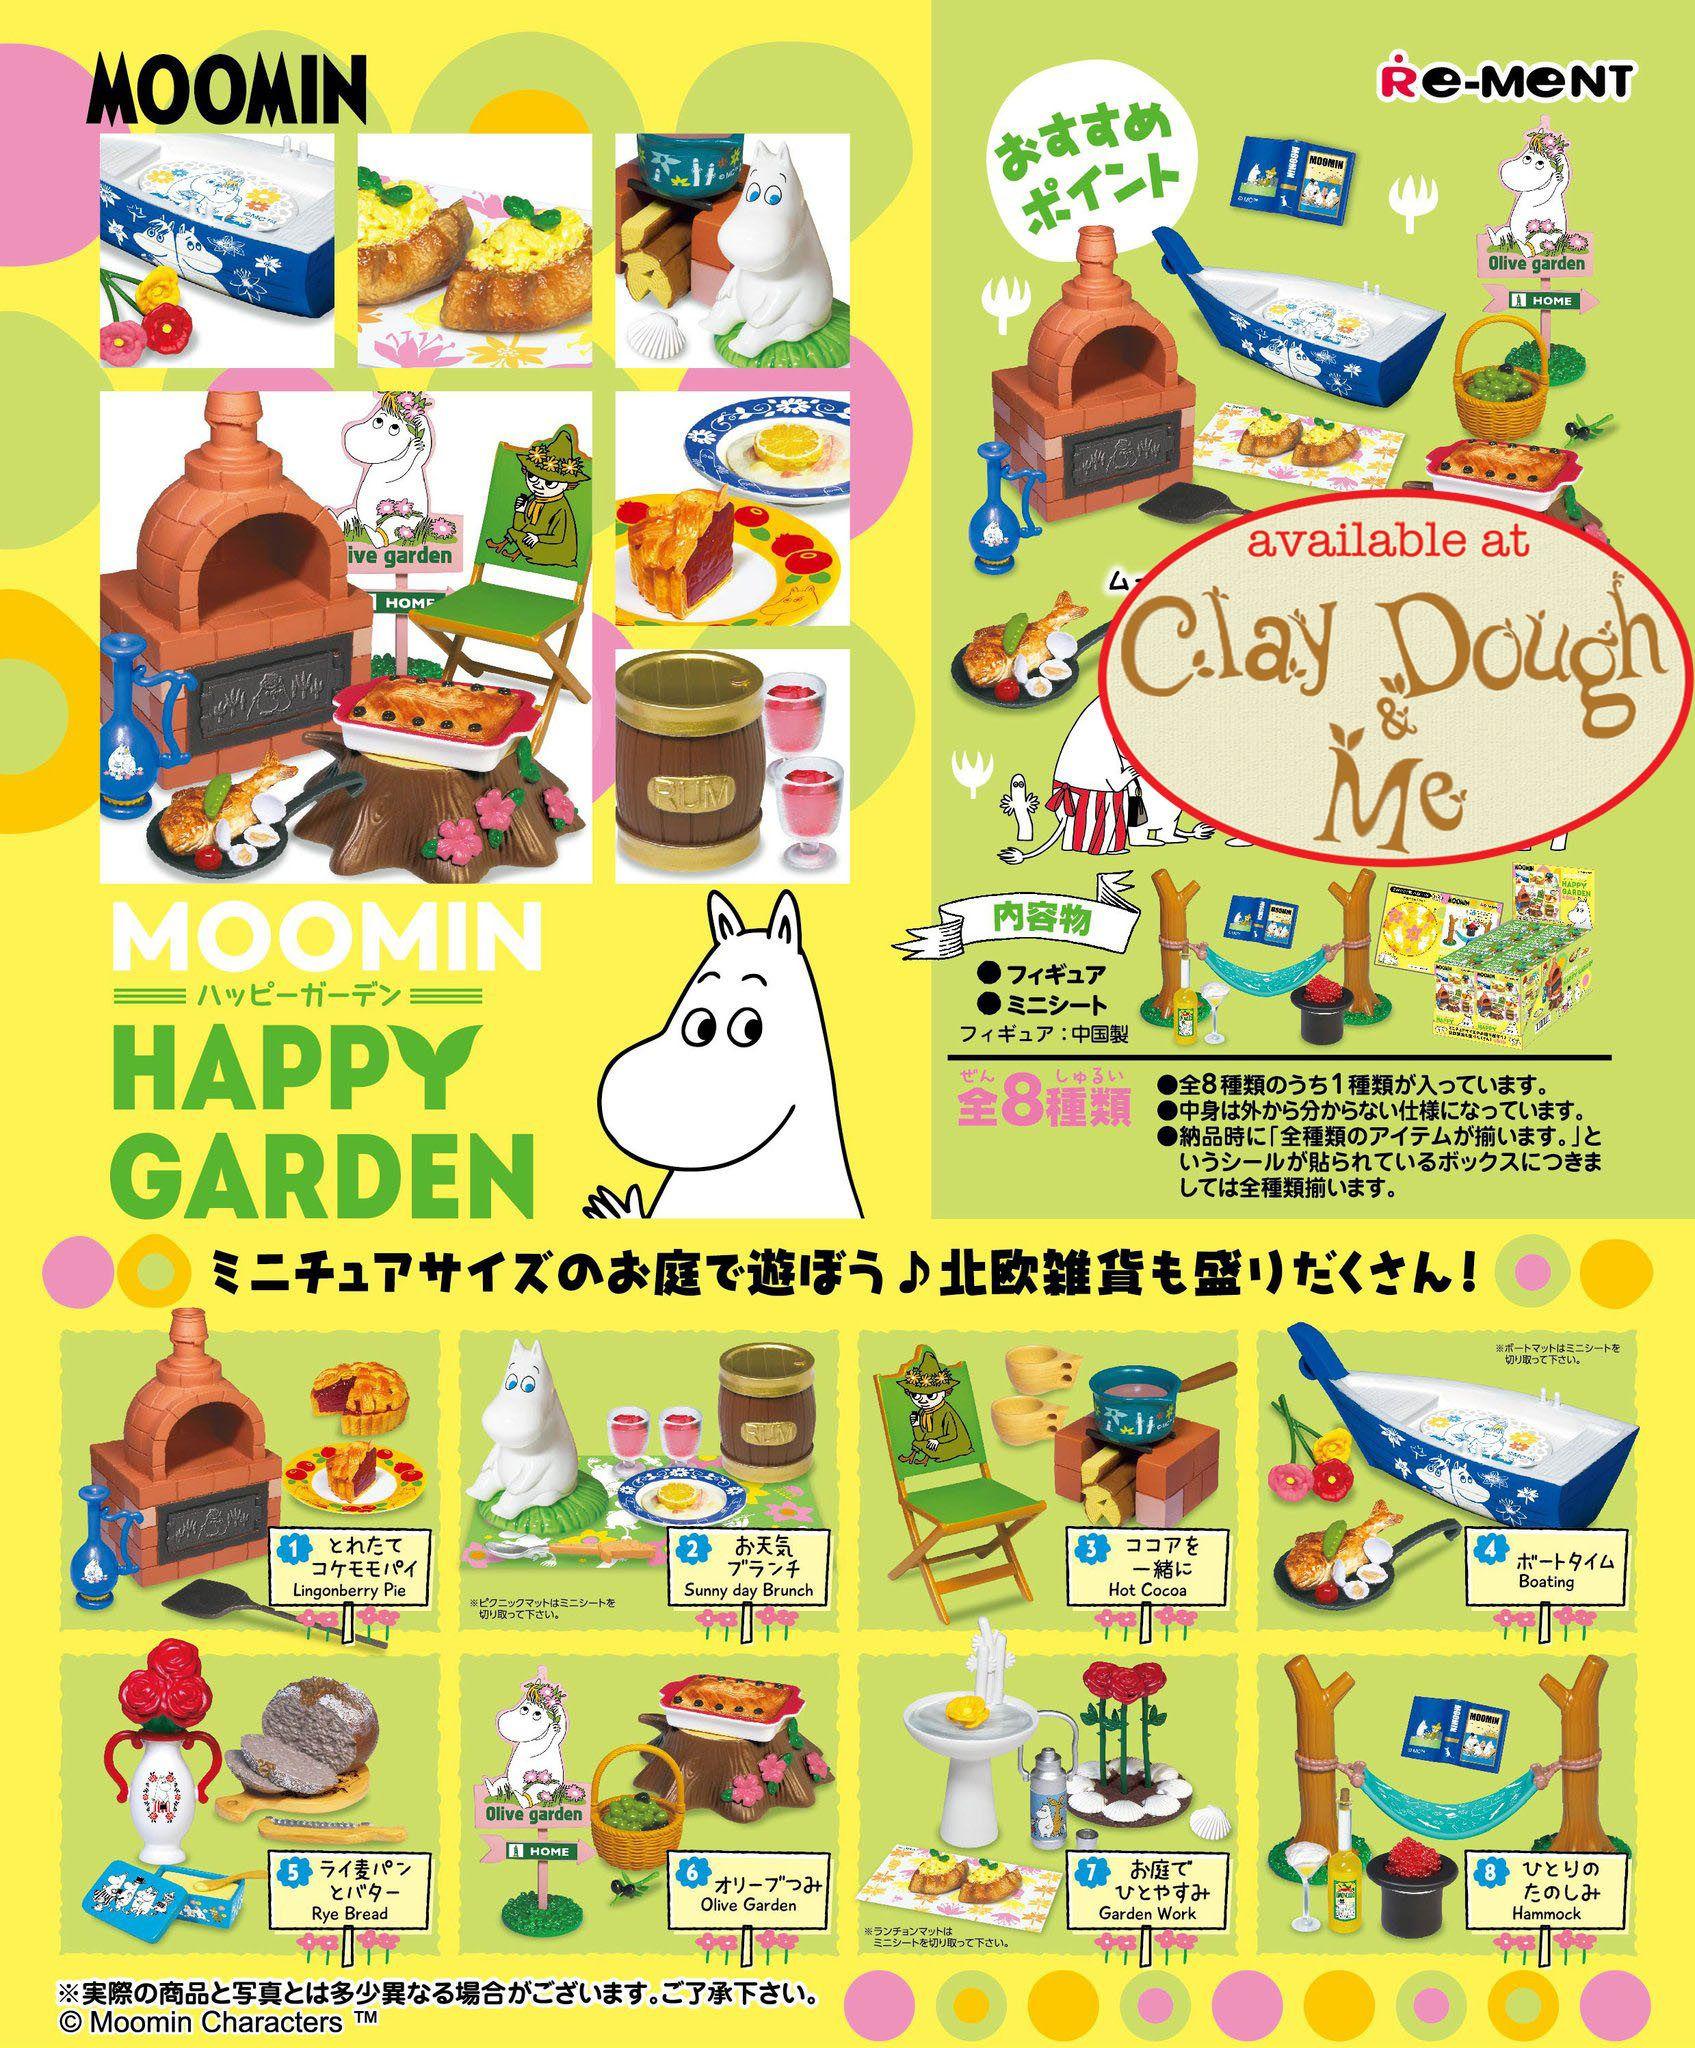 re ment moomin happy garden rement happy garden re ment